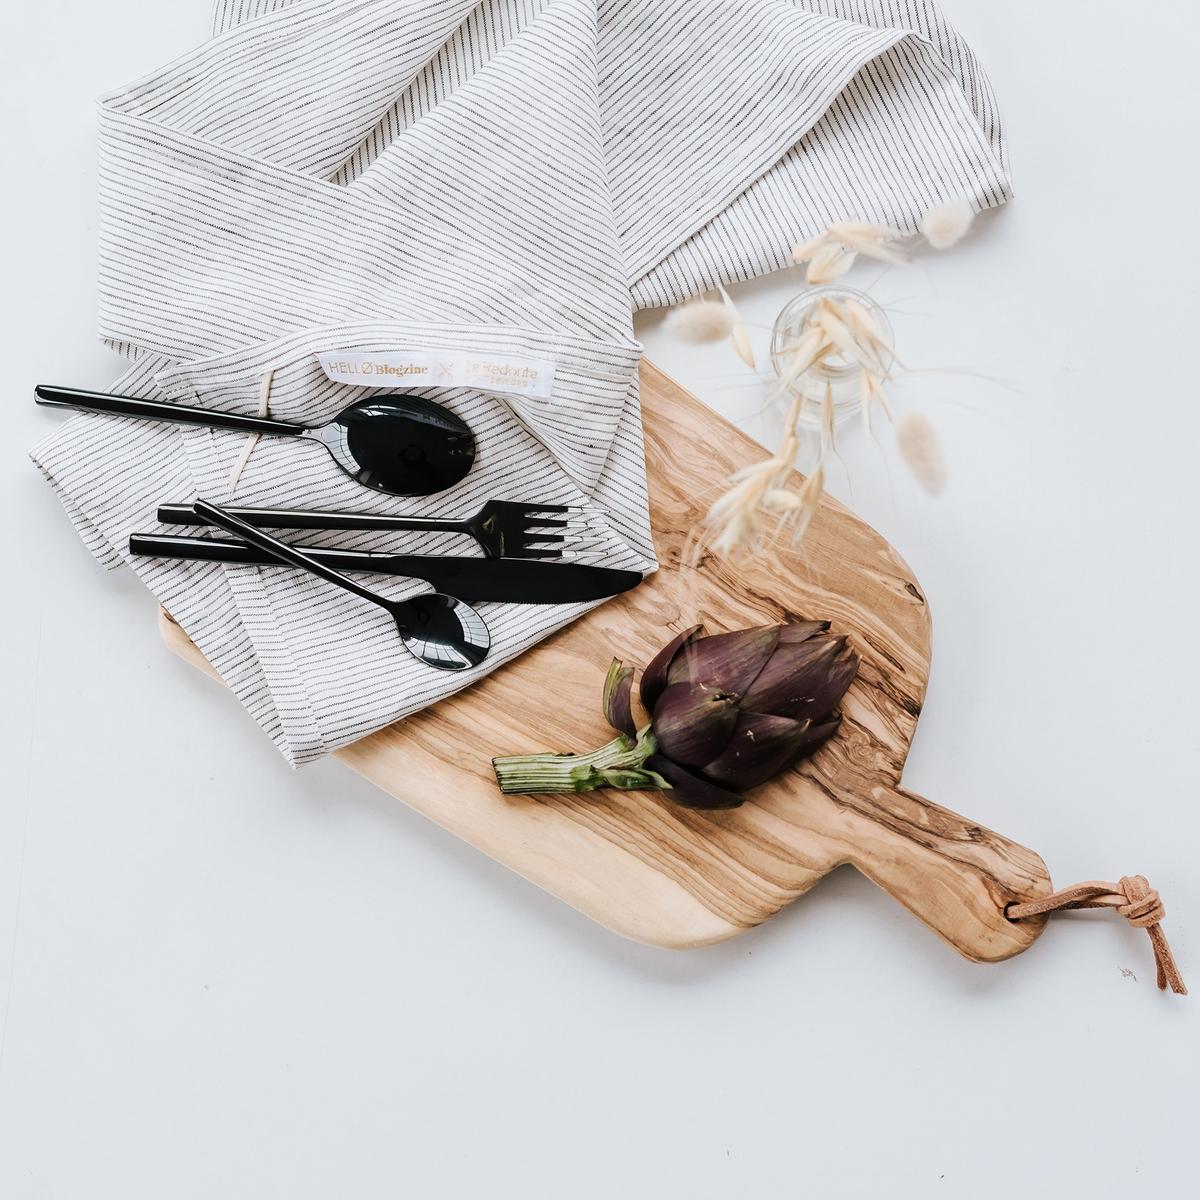 Кухонное полотенце HELLO BLOGZINE X LA REDOUTE 15518137 от LaRedoute